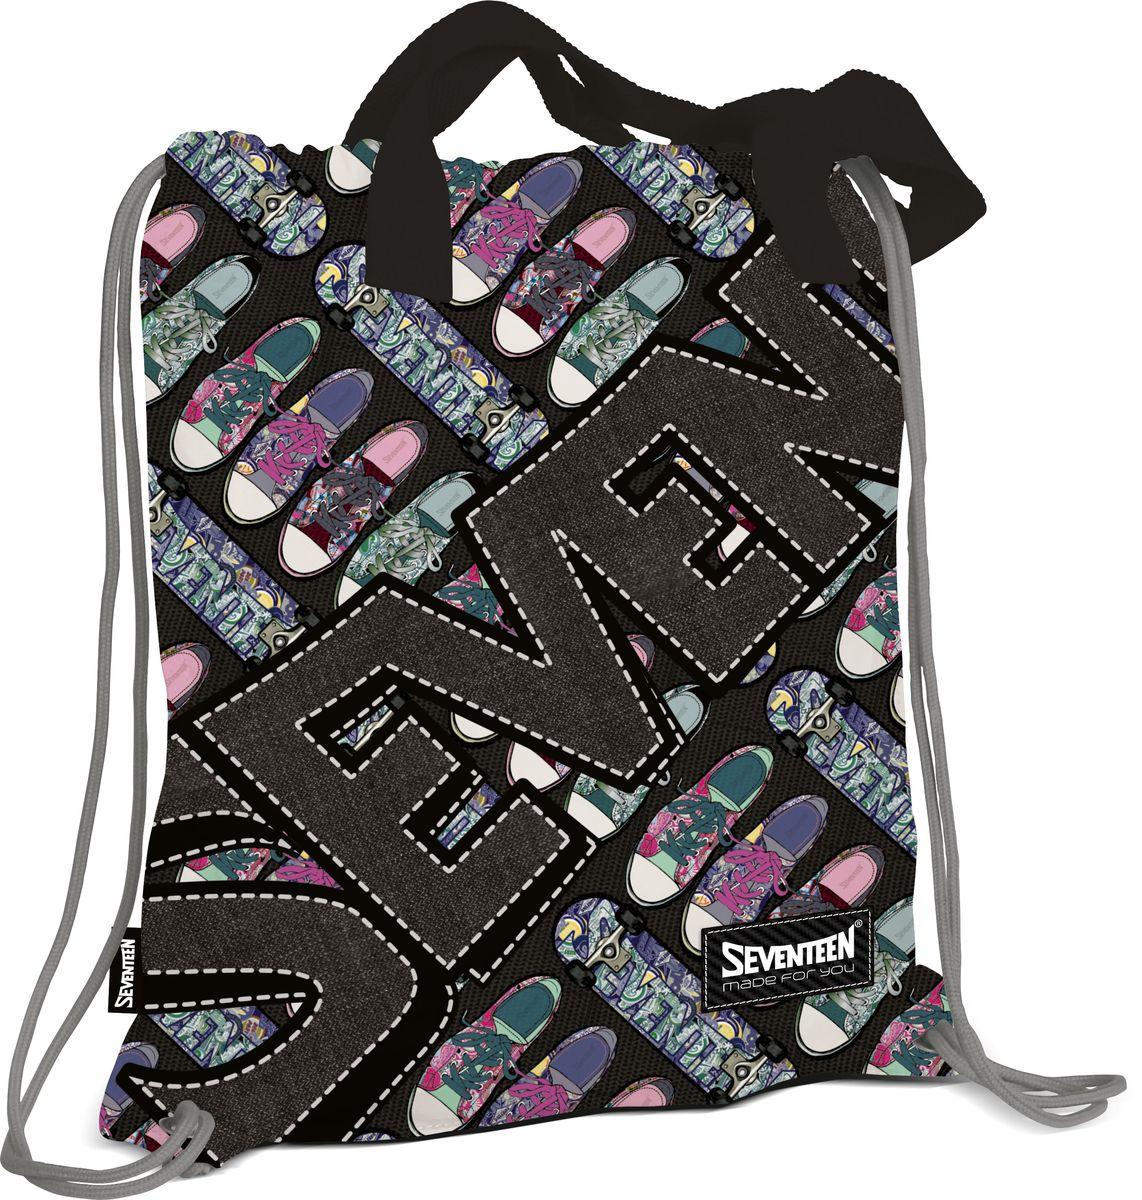 Рюкзак для обуви с ручками SeventeenSVCB-RT1-896Сумка-рюкзак для обуви с ручками. Внутри дополнительный карман на молнии для мелочей Размер 43 х 39 х 1 см. Seventeen